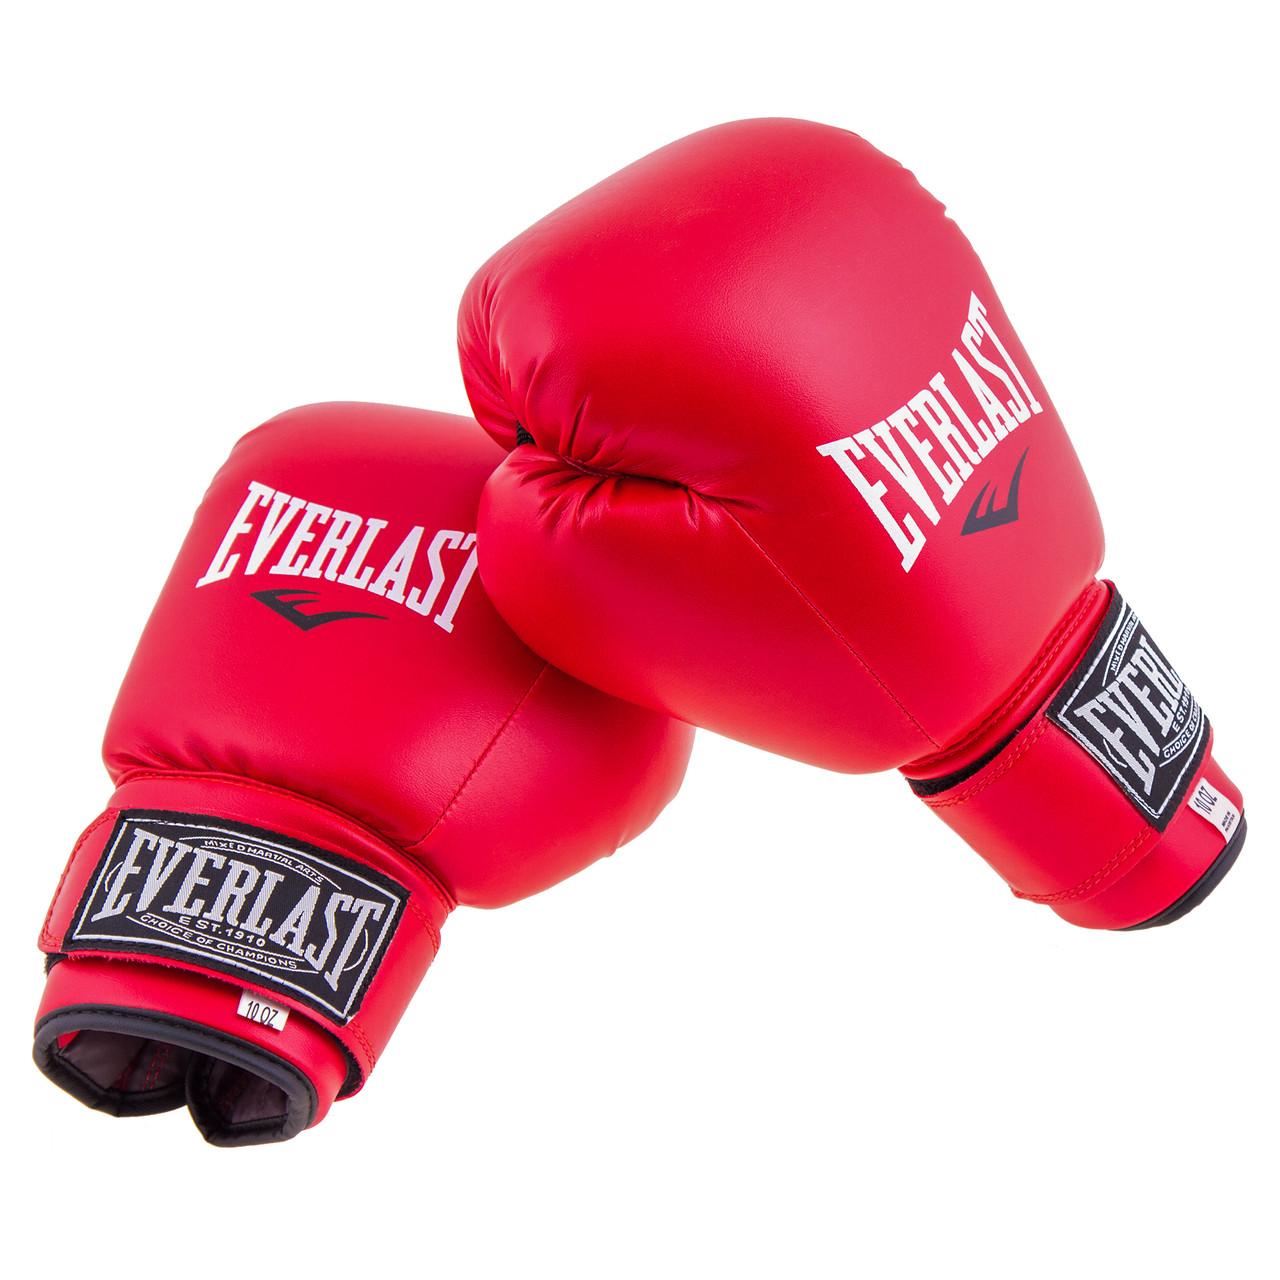 Боксерські рукавички DX Everlast червоні м'які EVDX380-6R